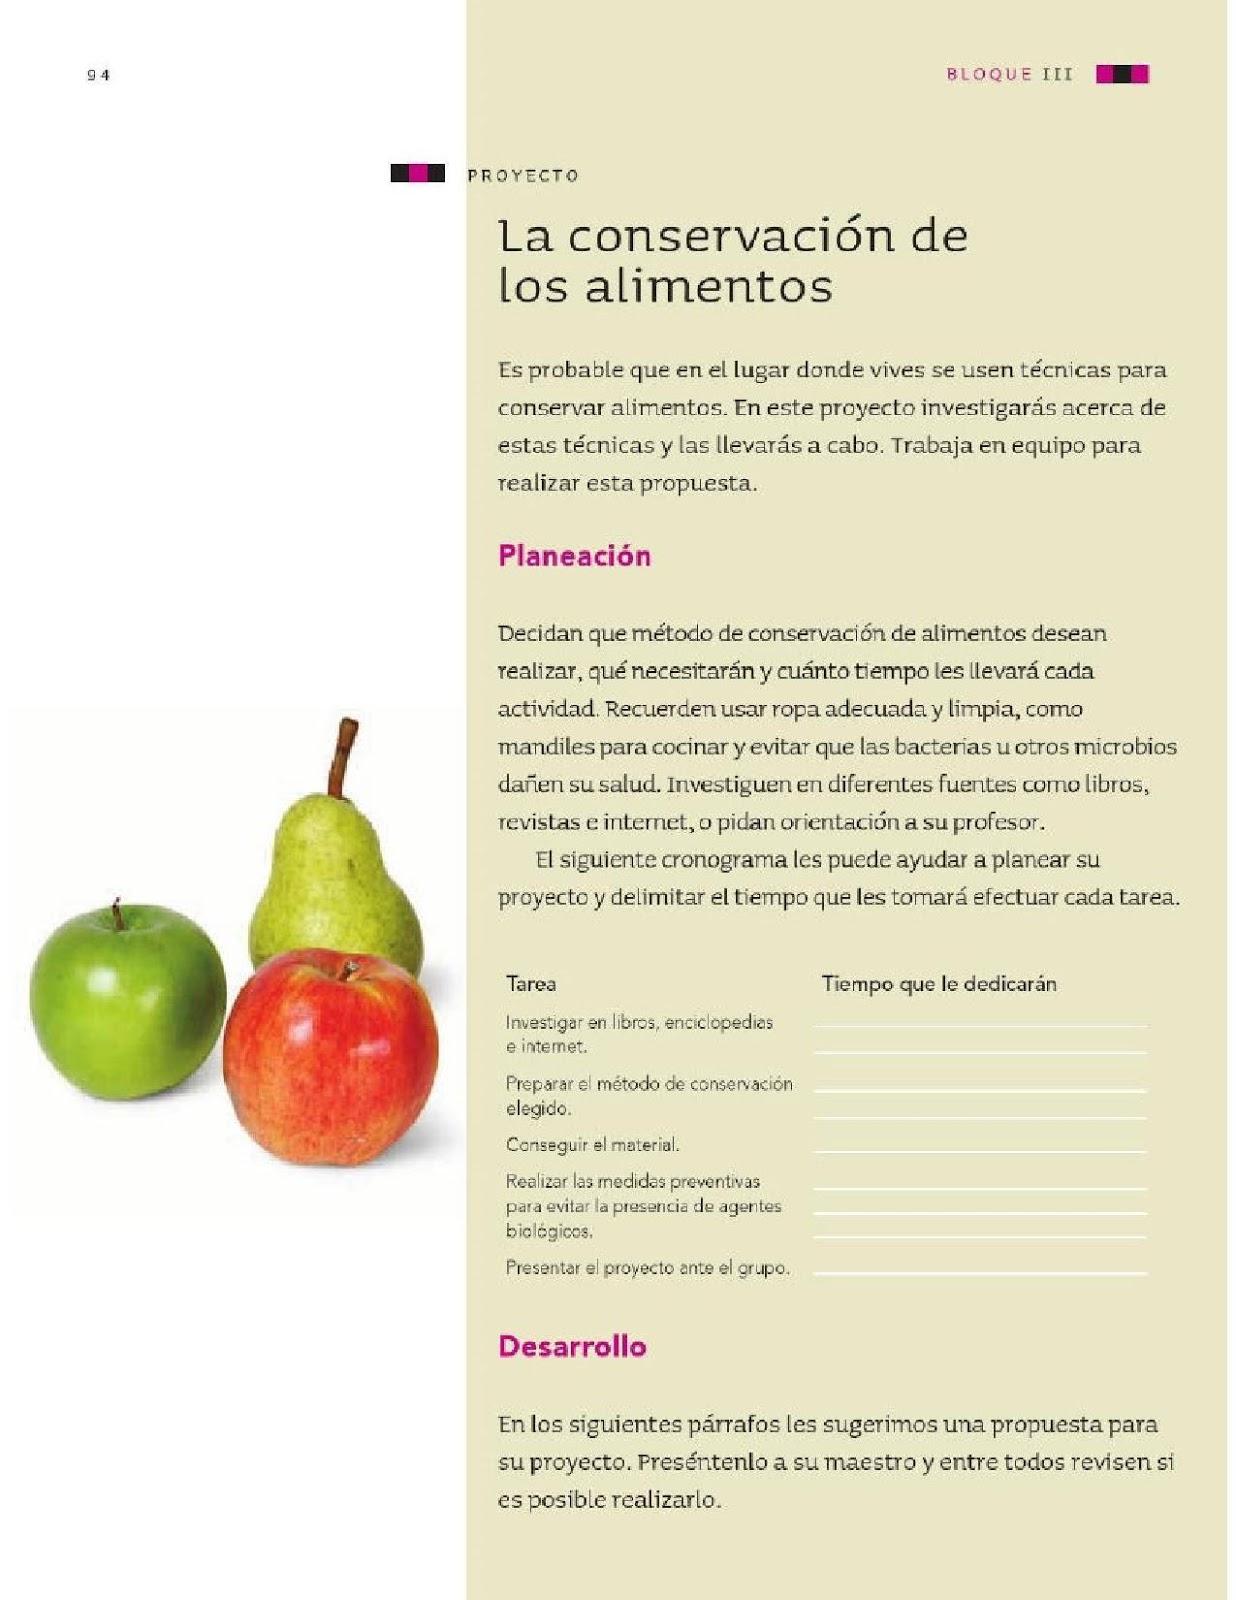 ... Ciencias Naturales 4to Grado Bloque III Proyecto La conservación de